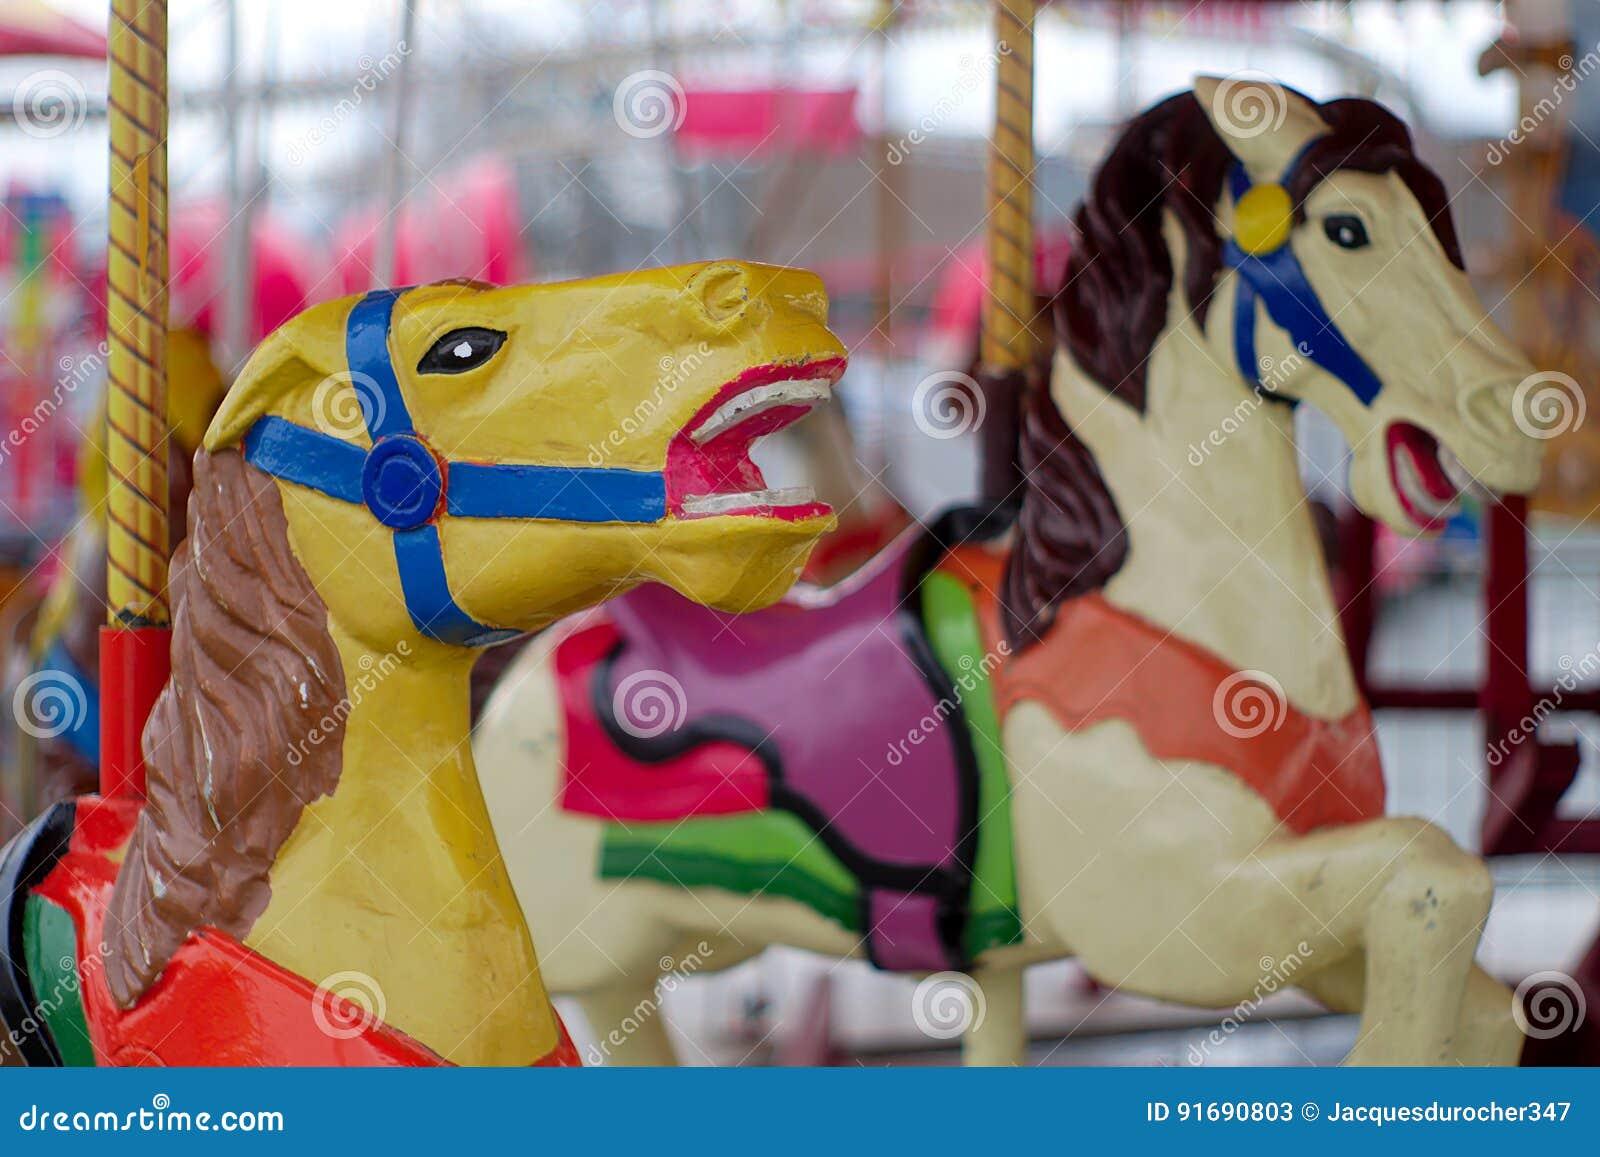 Fantastisch Pferd Färbendes Bild Zeitgenössisch - Beispiel Business ...